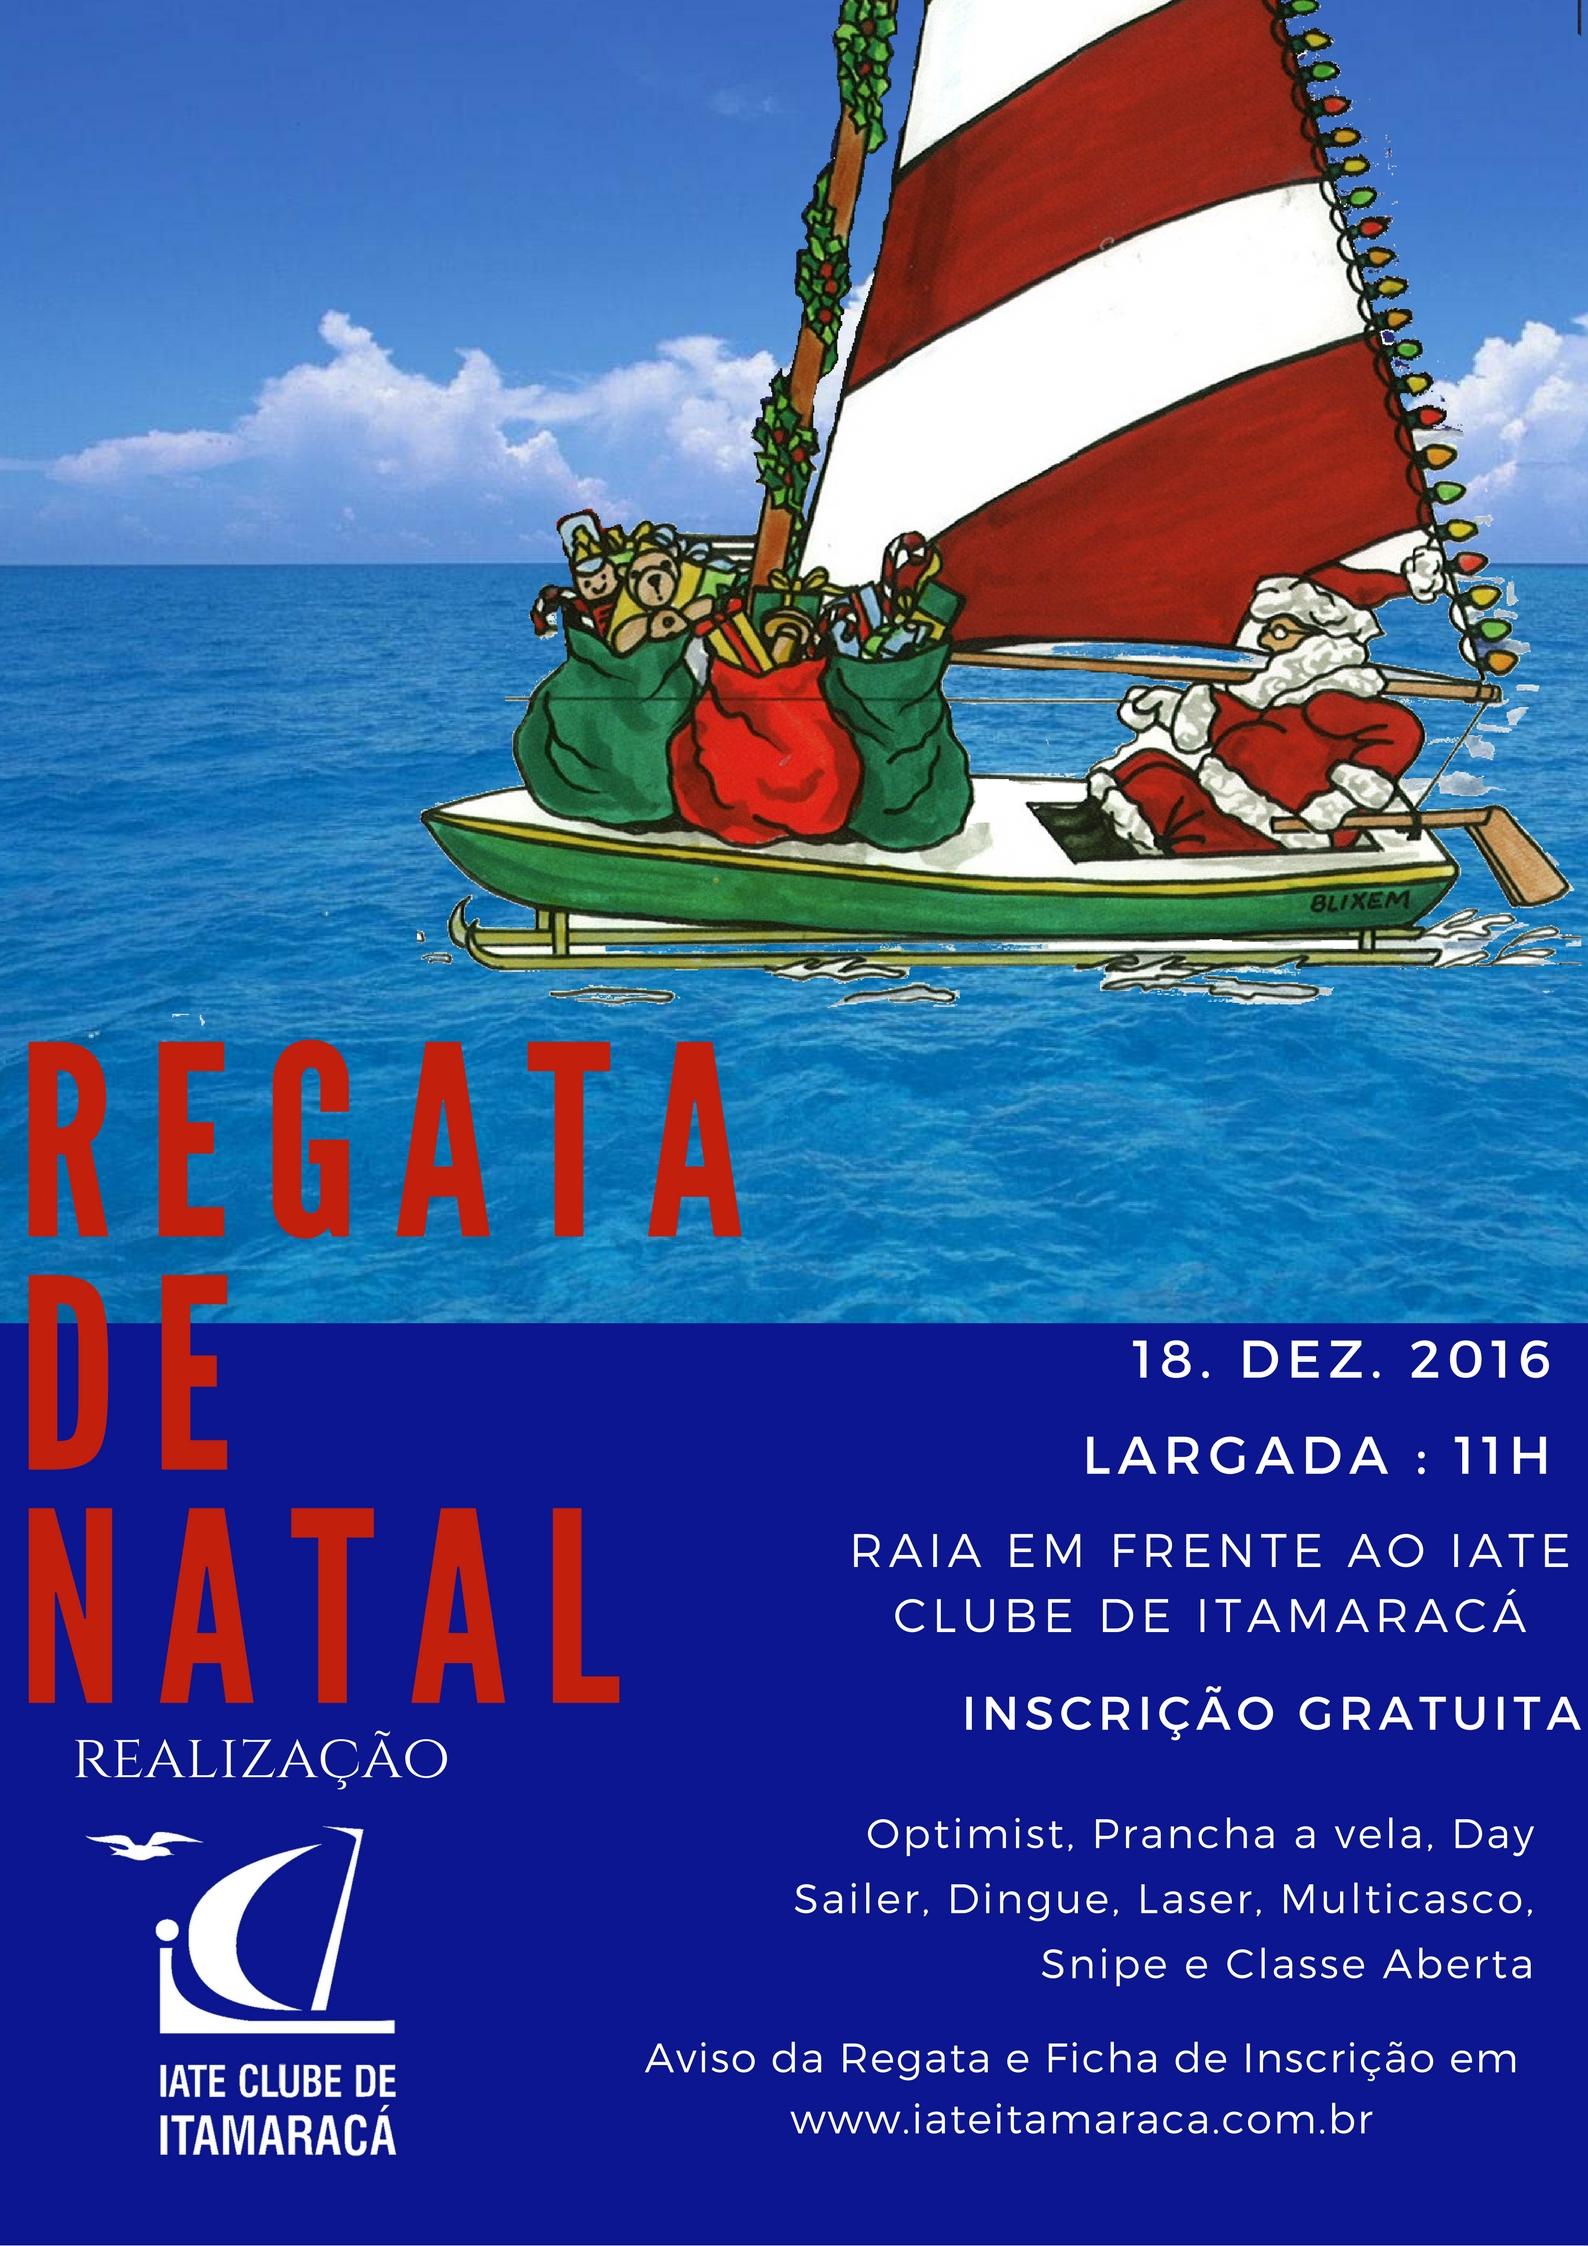 regata-de-natal-11